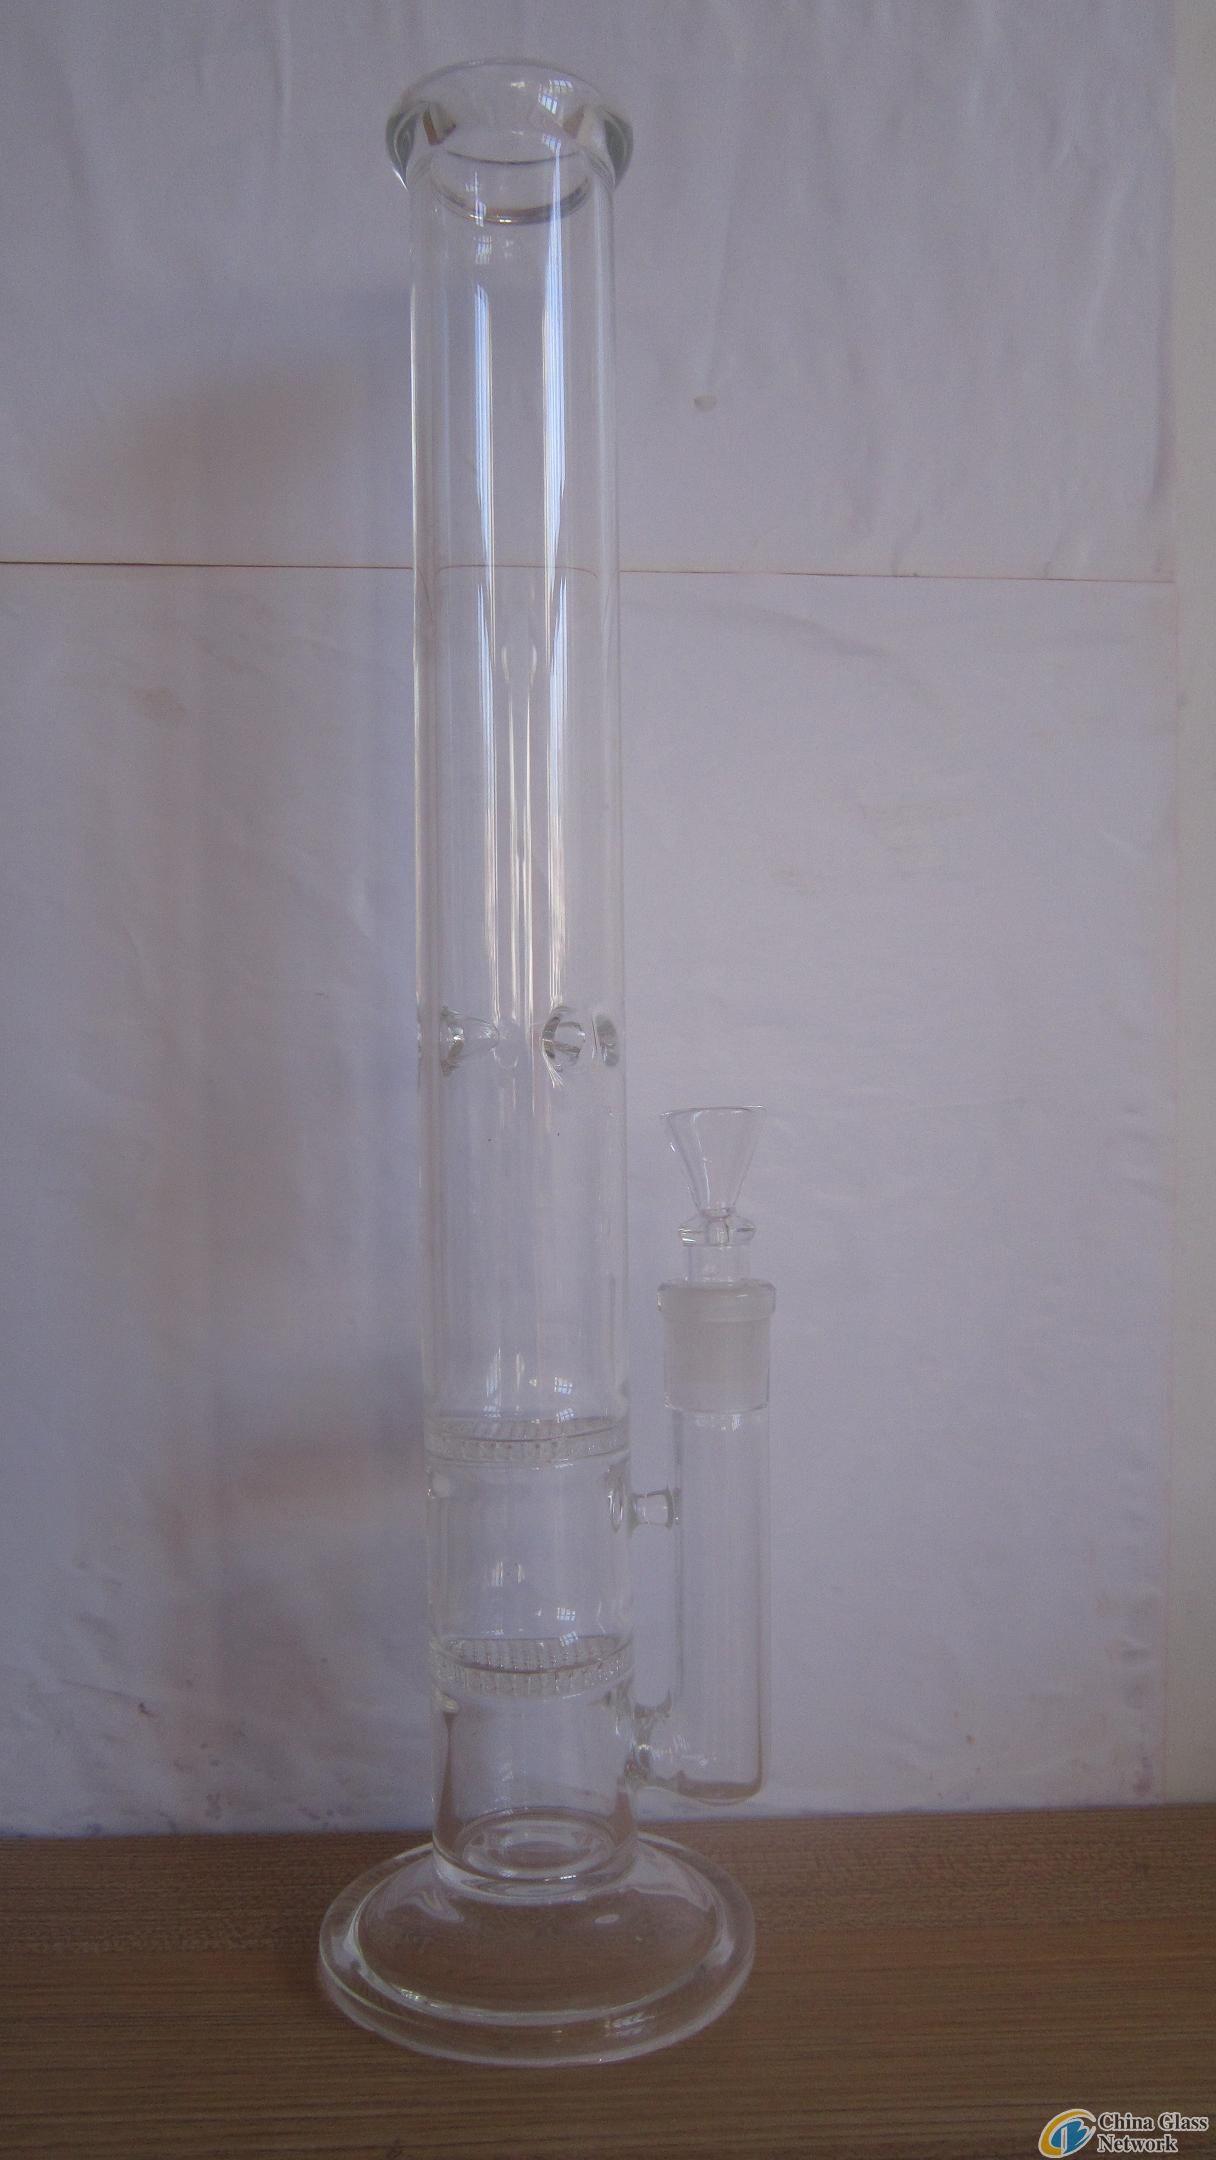 bong 2 layer mesh filter water pipe